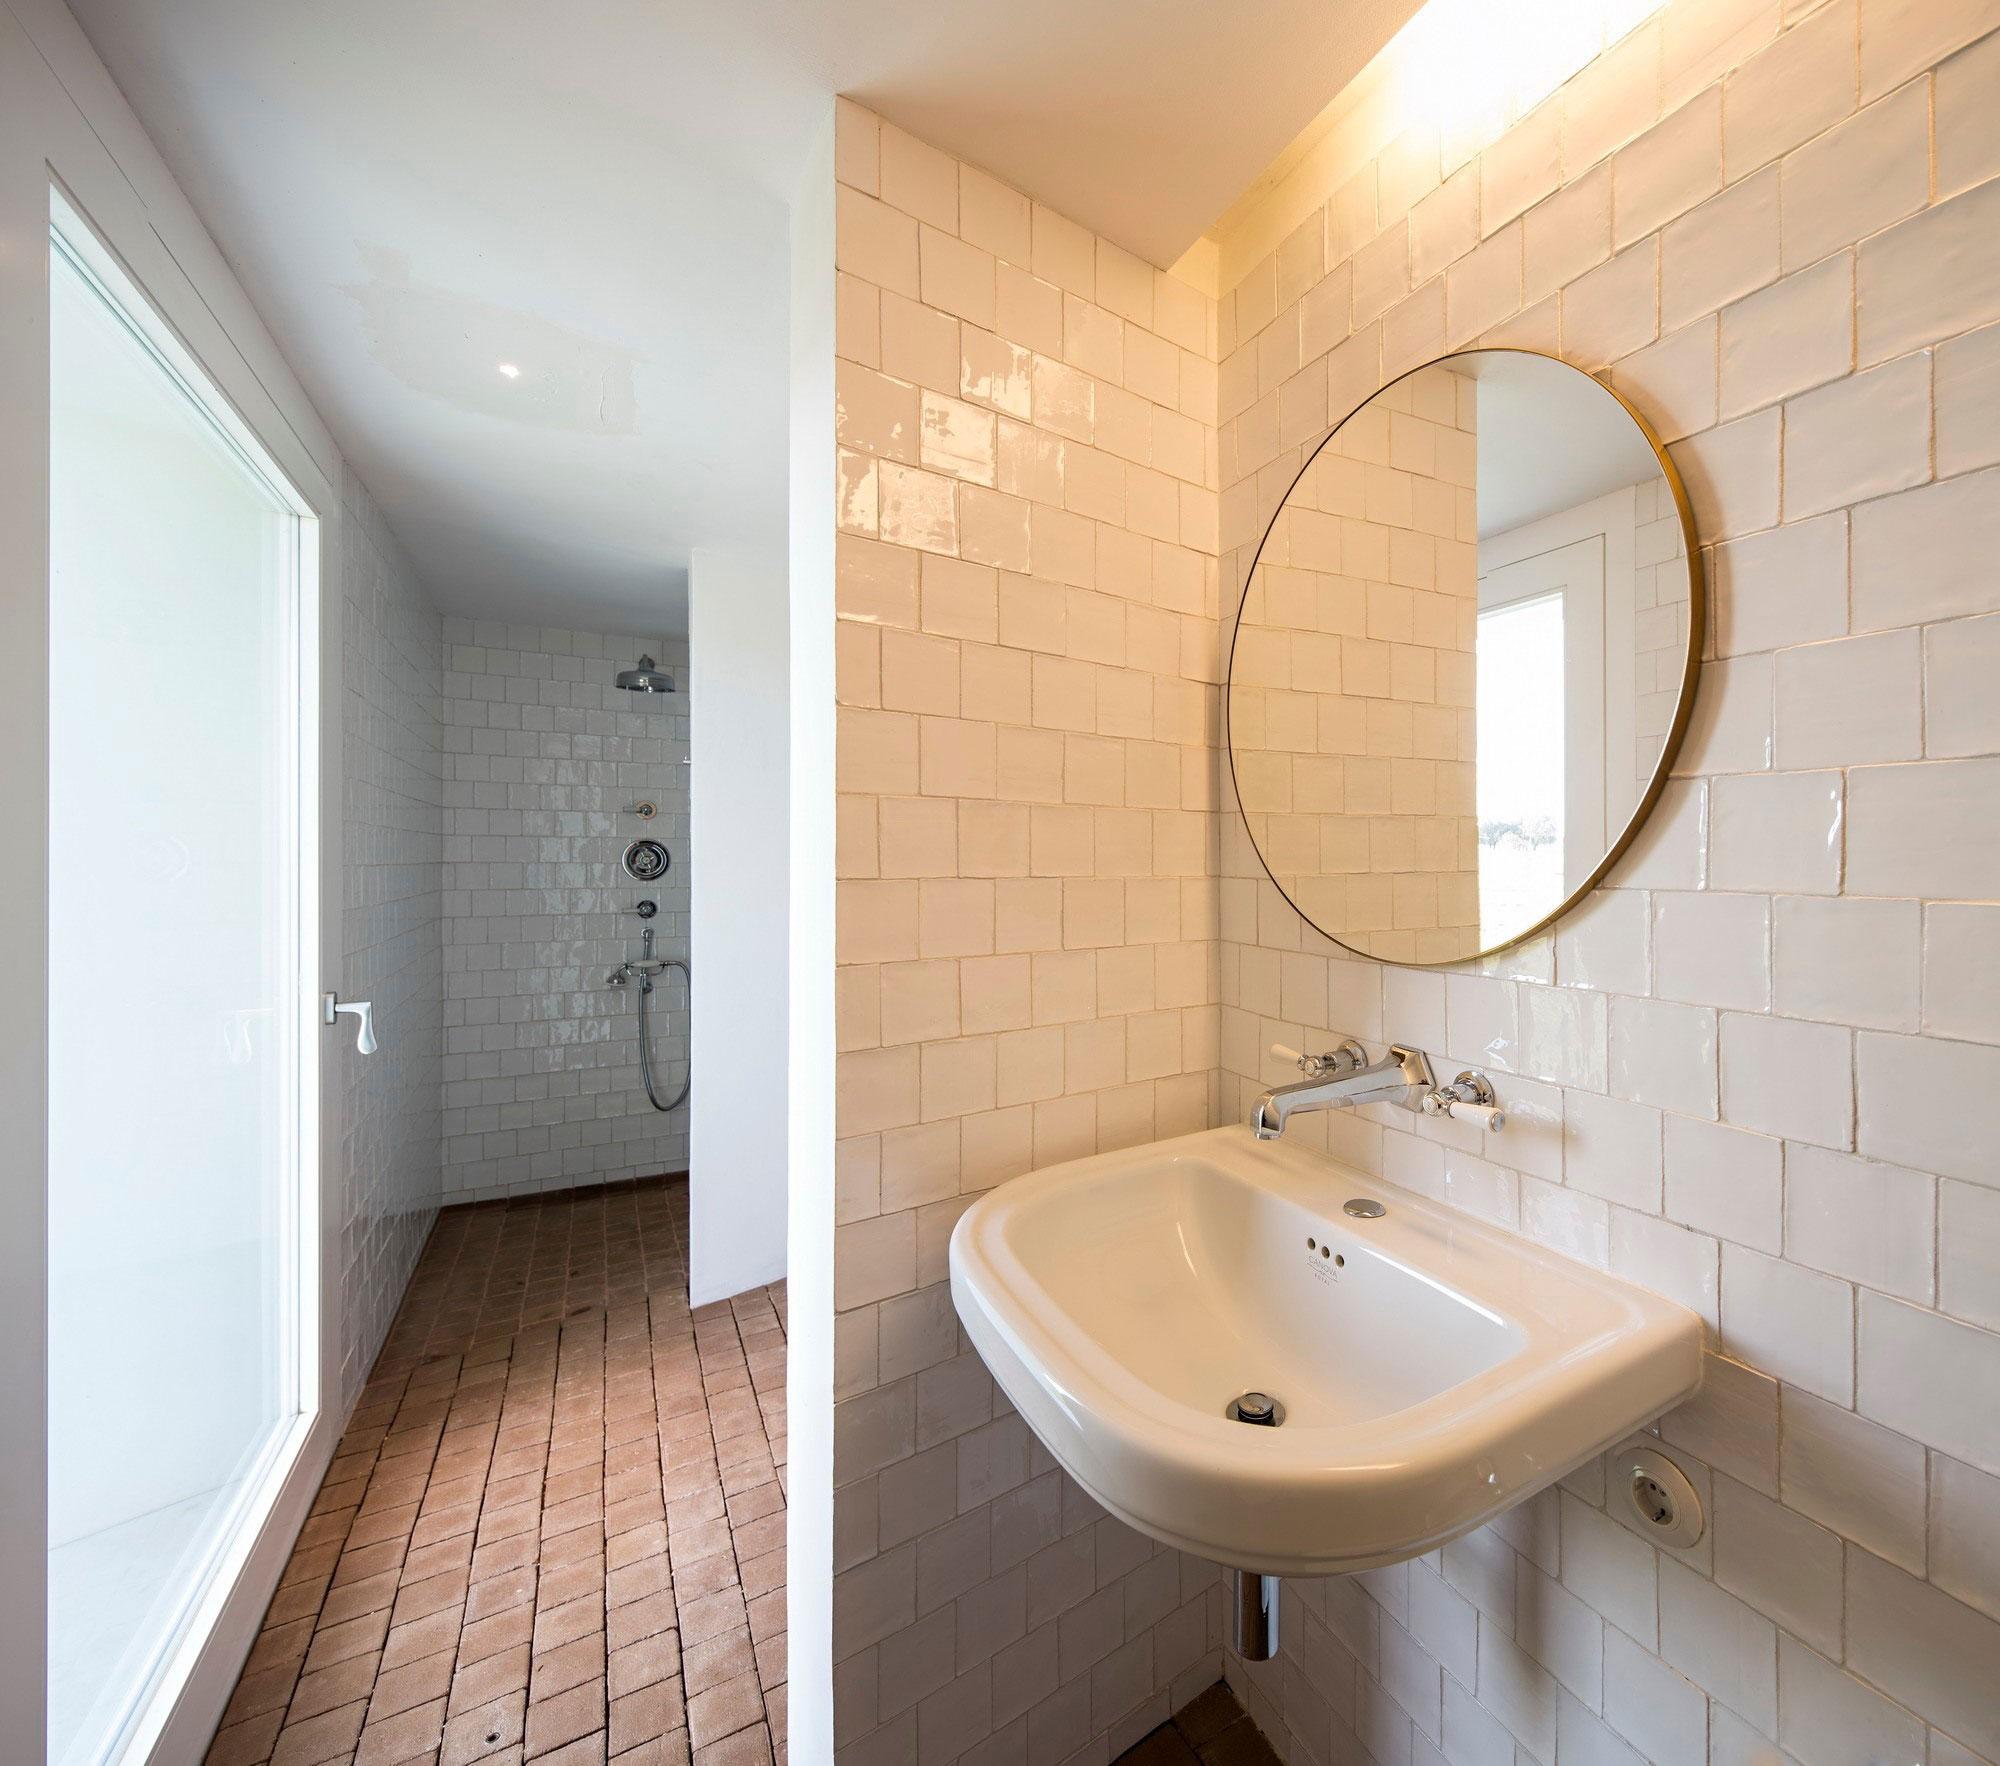 Wet Room, White Tiles